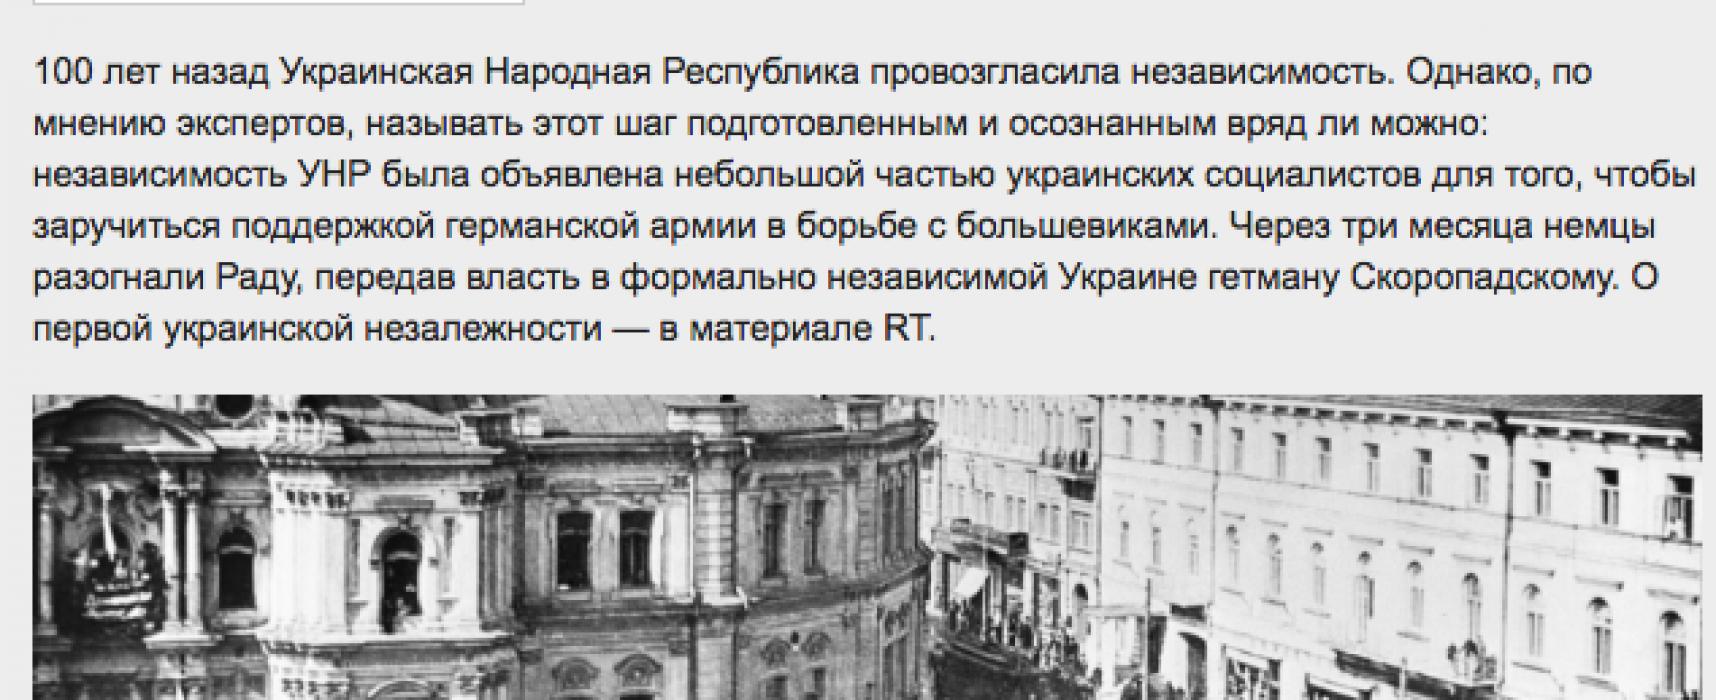 """¿Hay verdad en el artículo """"histórico"""" de RT sobre el centenario de la independencia de la República Popular Ucraniana?"""